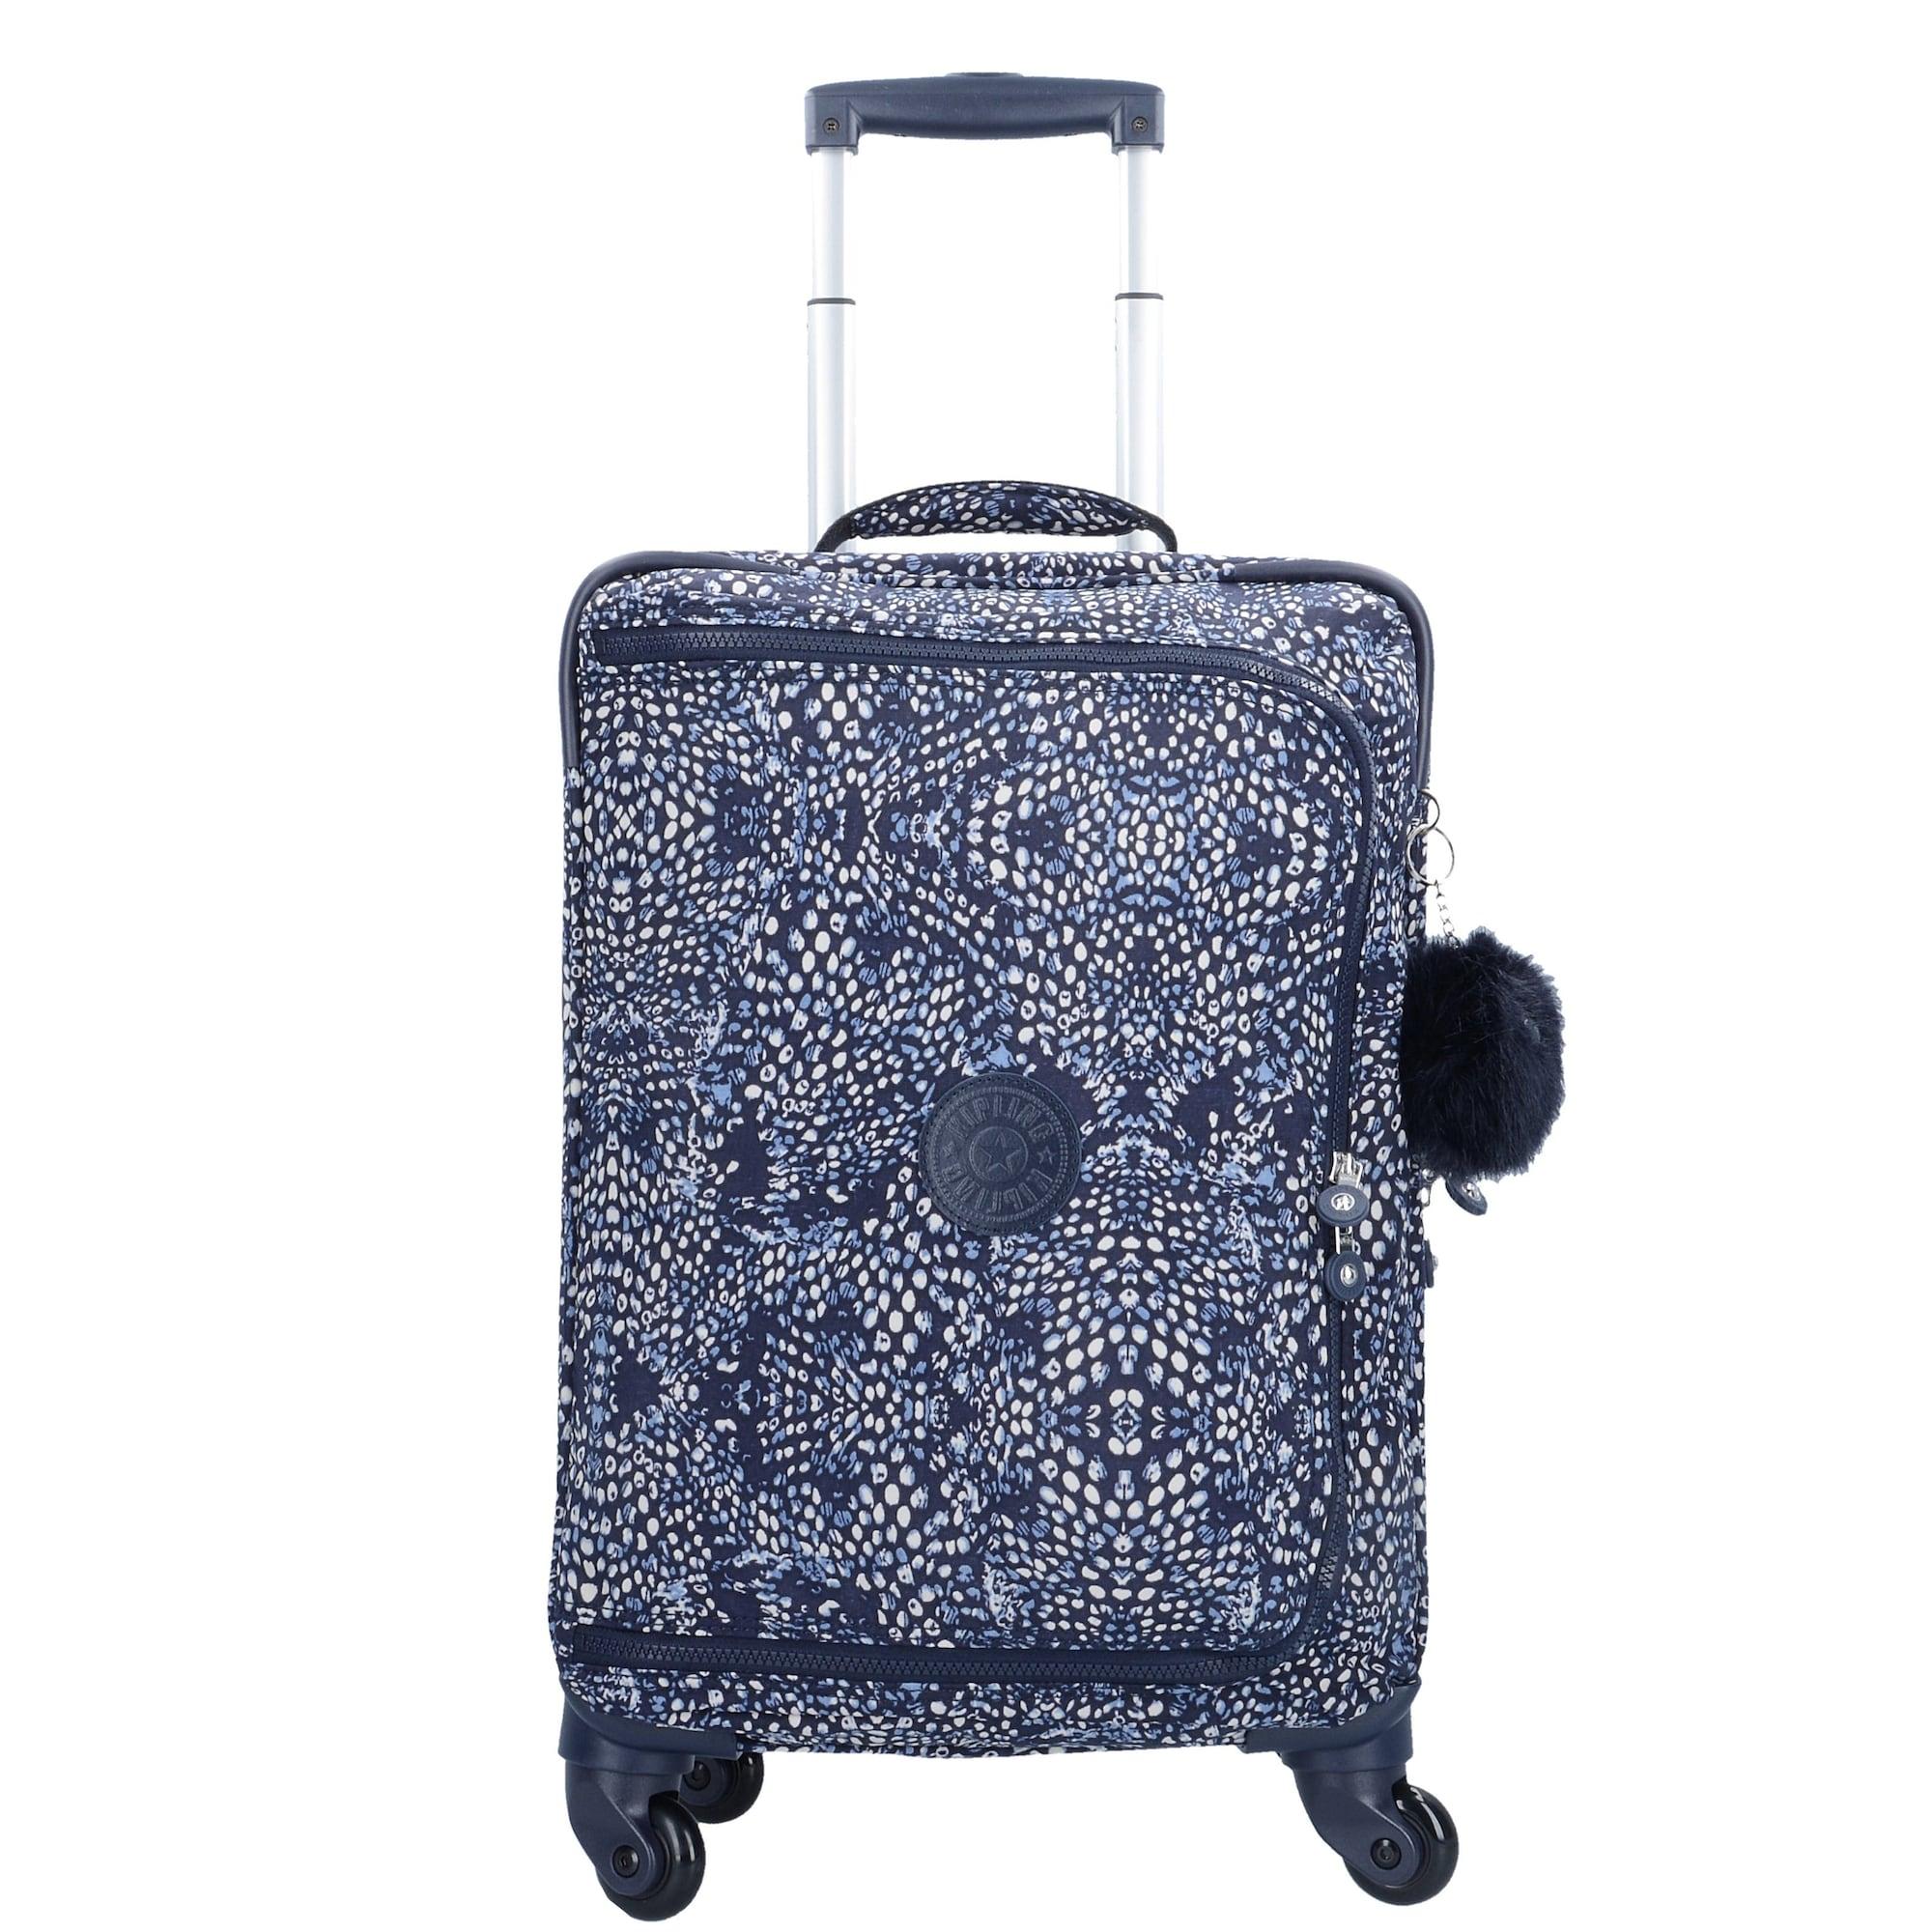 Trolley 'Basic Cyrah S' | Taschen > Koffer & Trolleys > Trolleys | Blau - Weiß | KIPLING